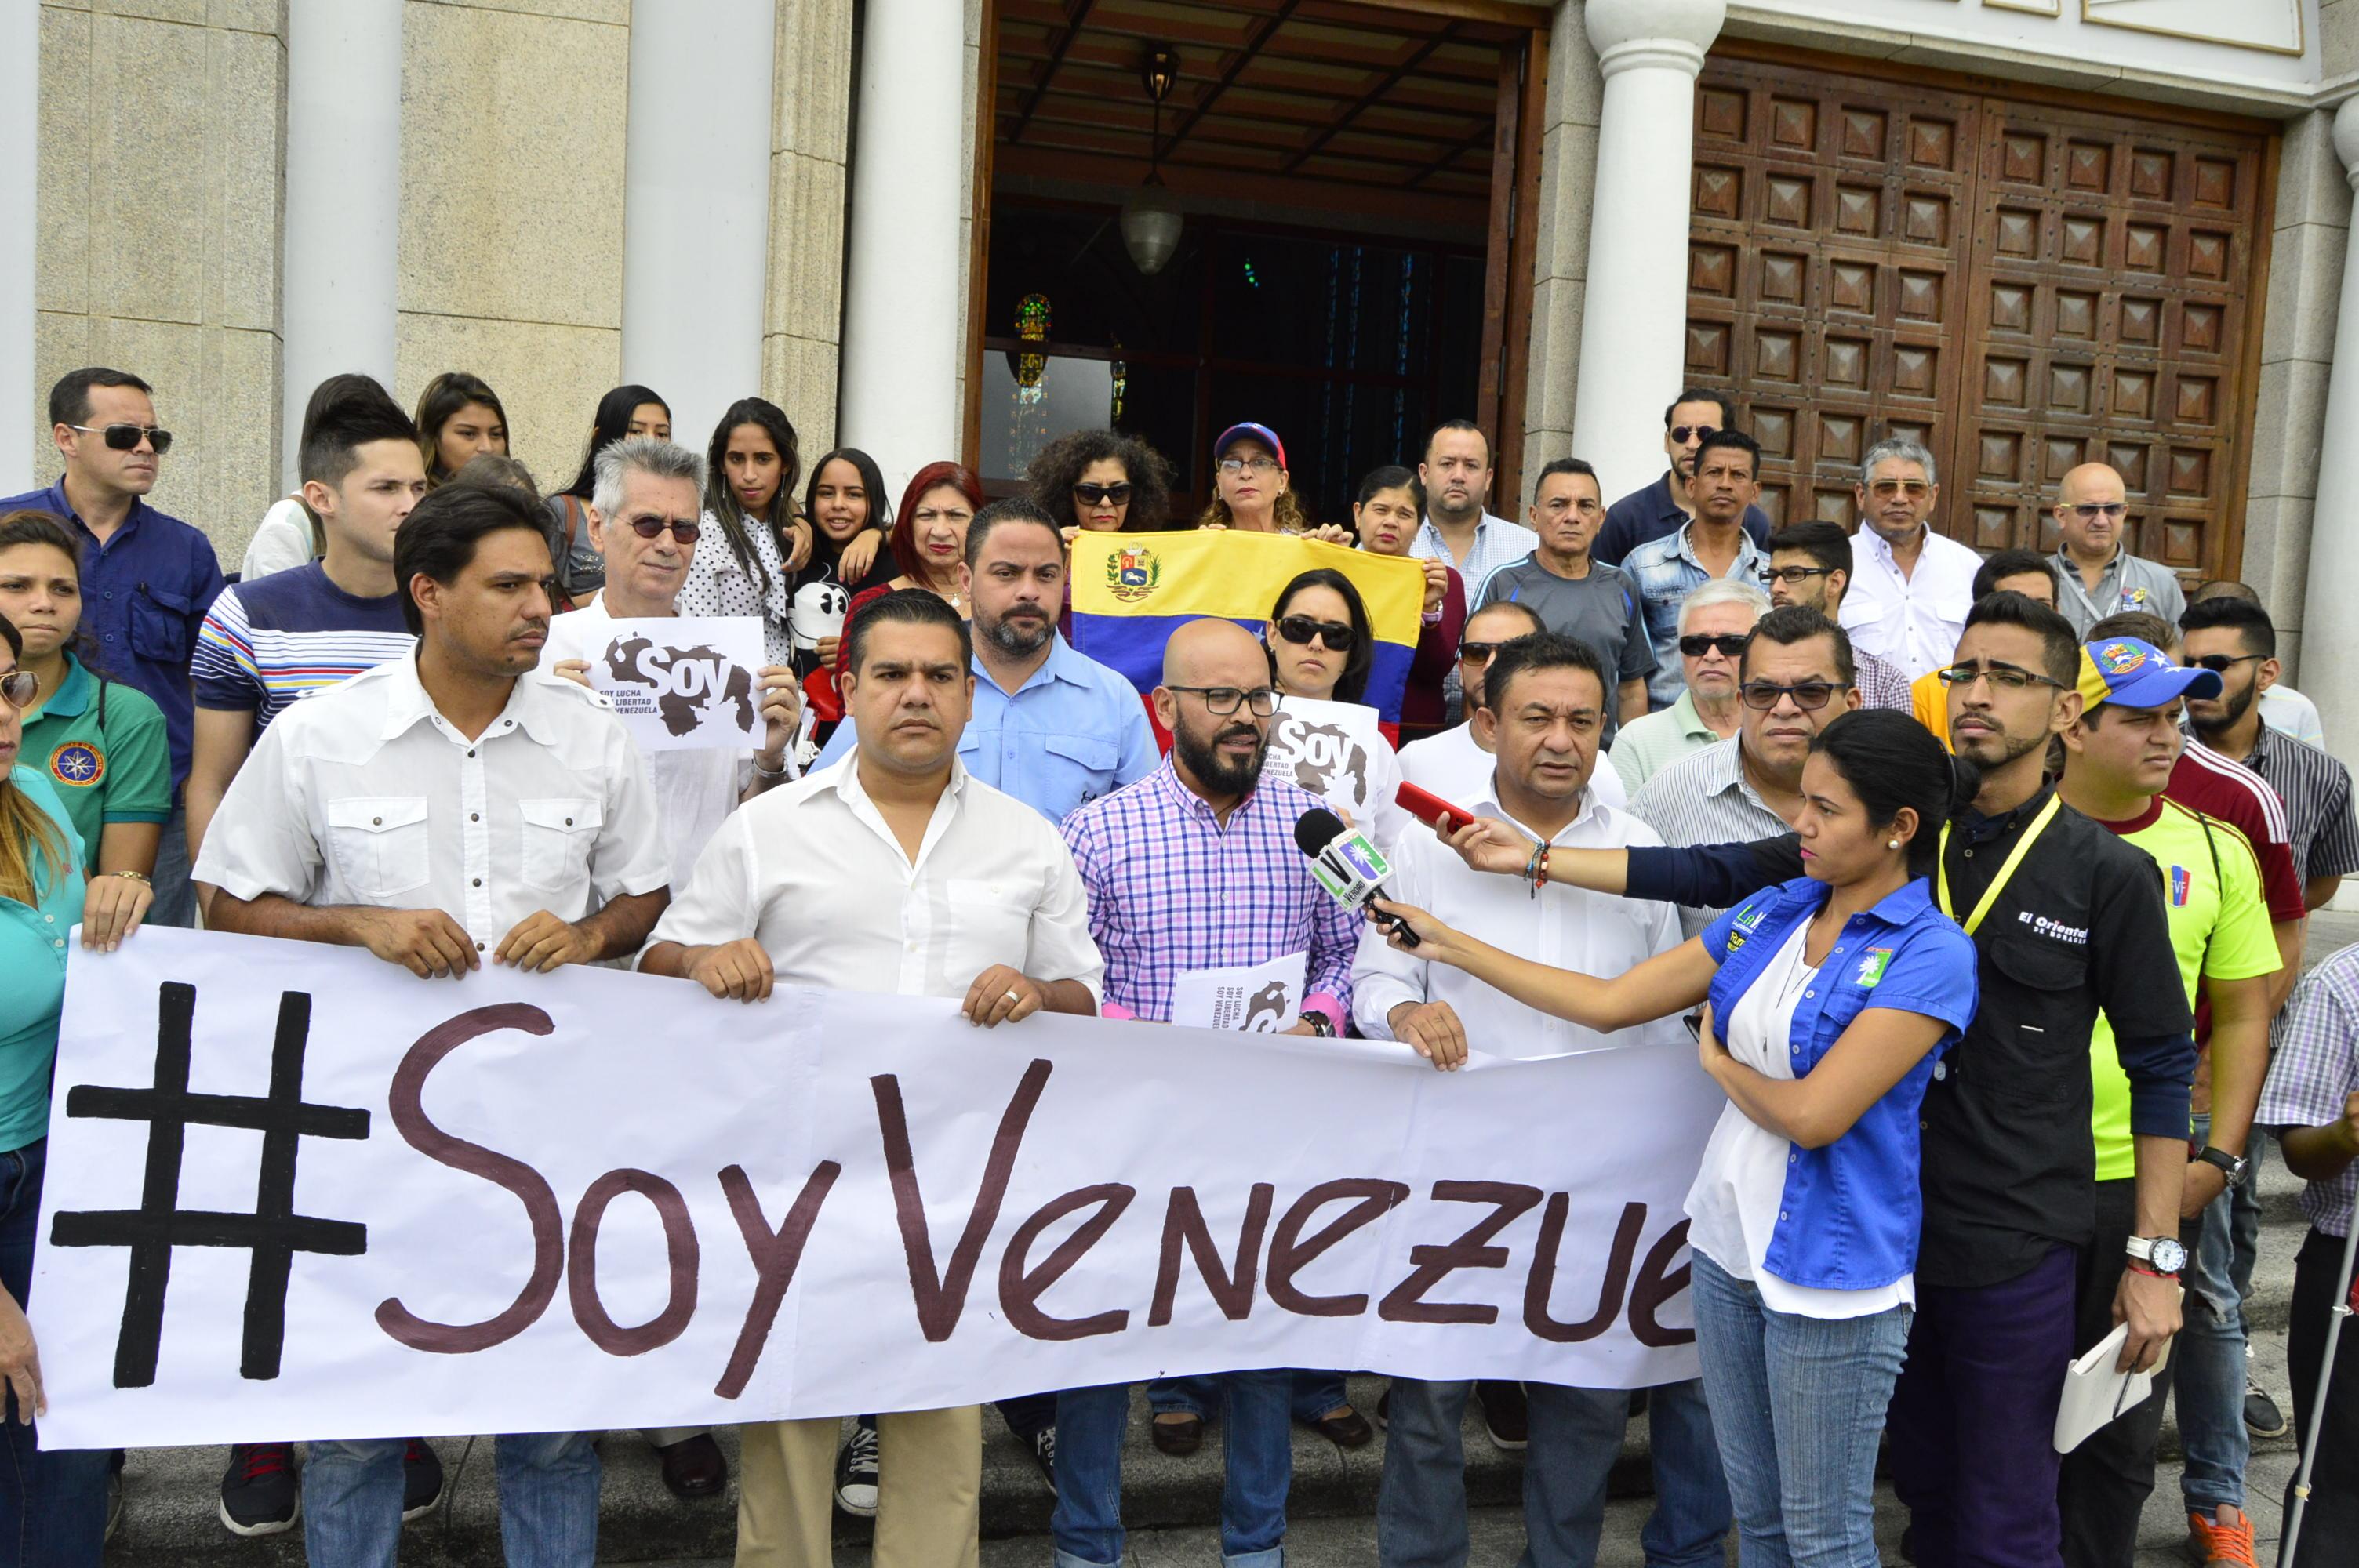 Foto cortesía de Diario Qué Pasa